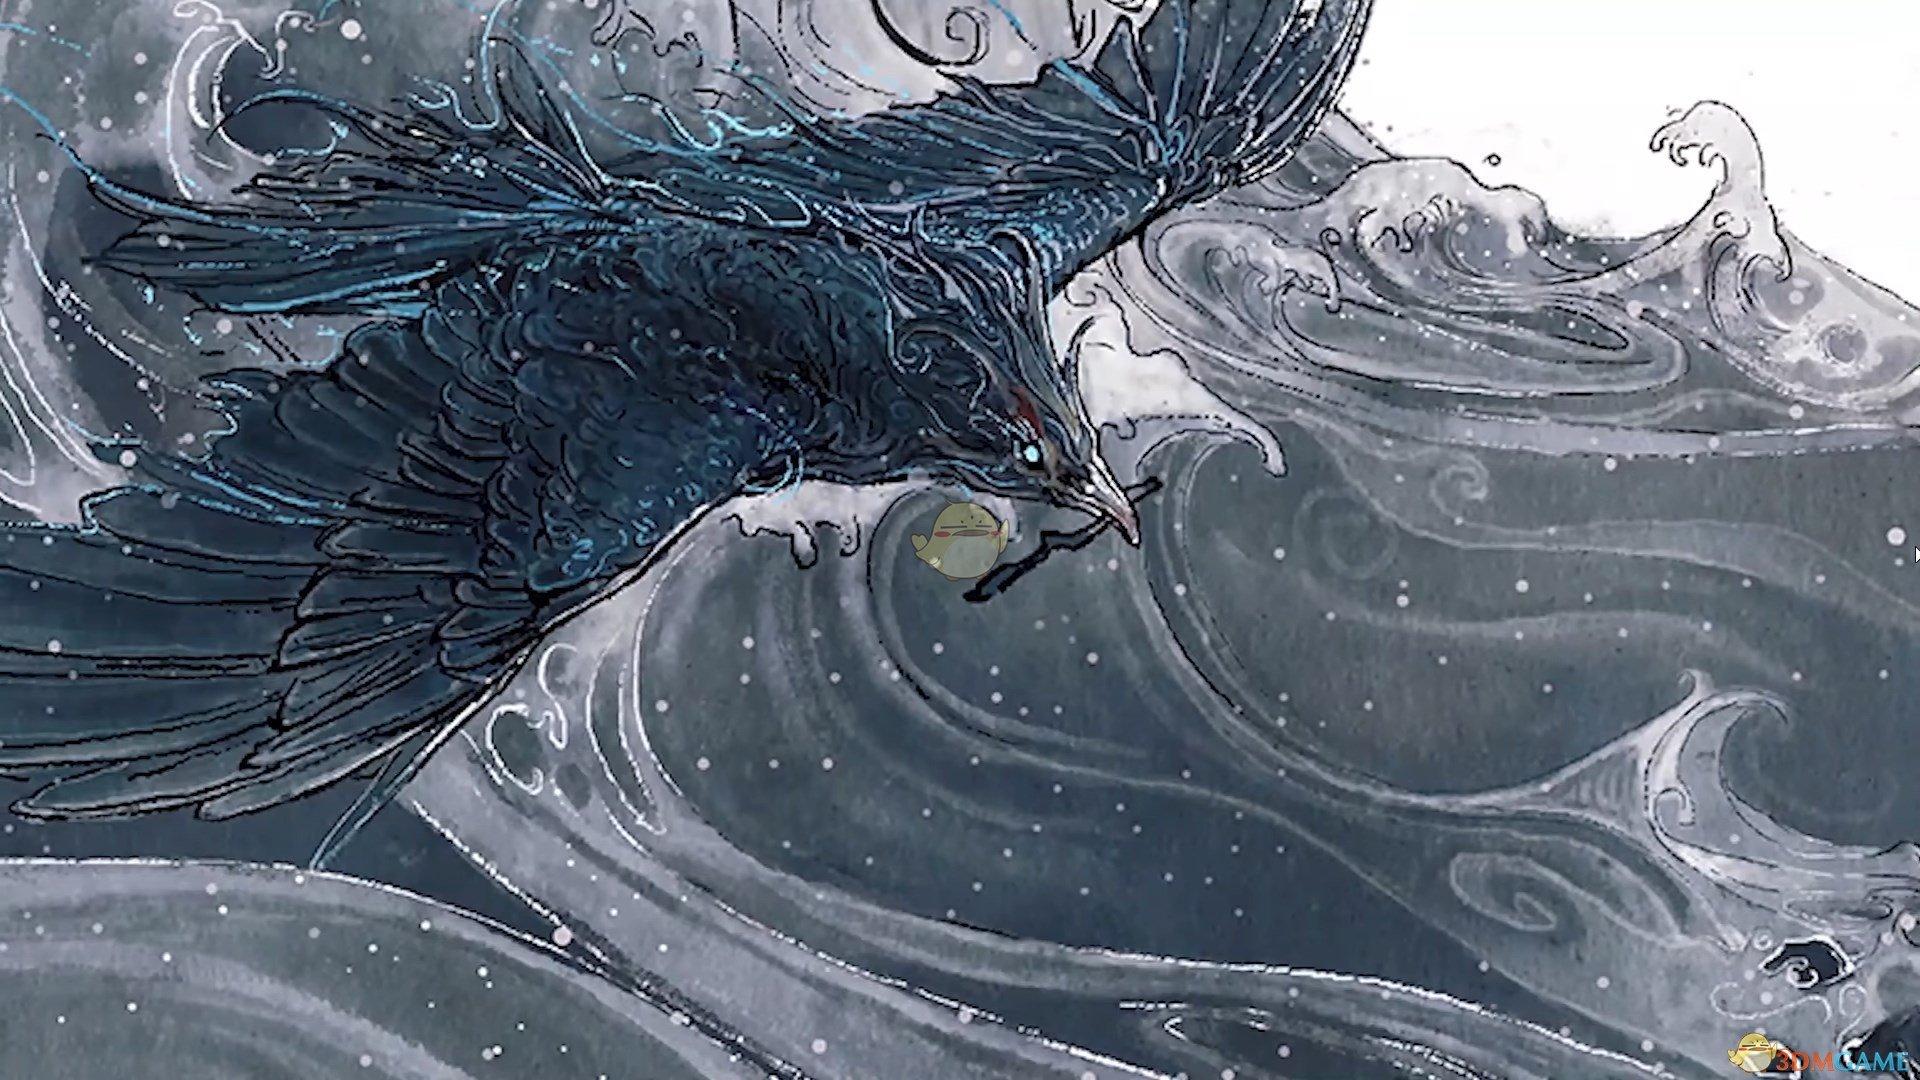 《鬼谷八荒》全气运全技能一览 先天气运逆天改命技能绝技功法神通详解